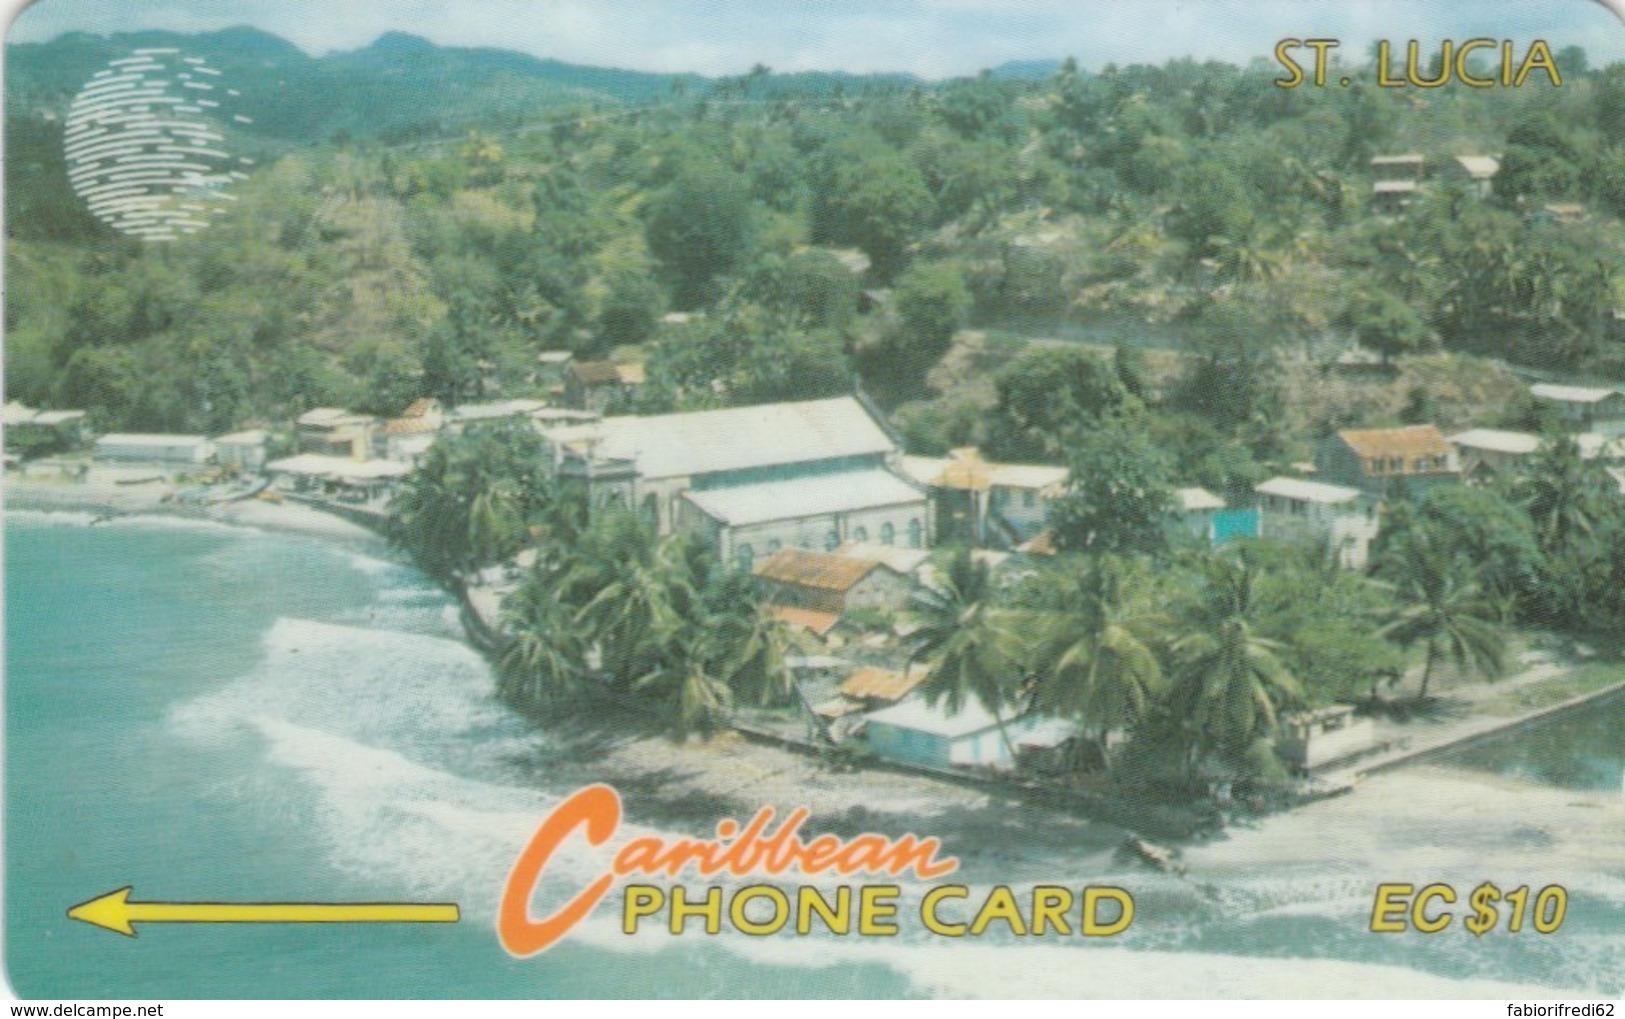 PHONE CARD ST LUCIA (E52.3.6 - Santa Lucía